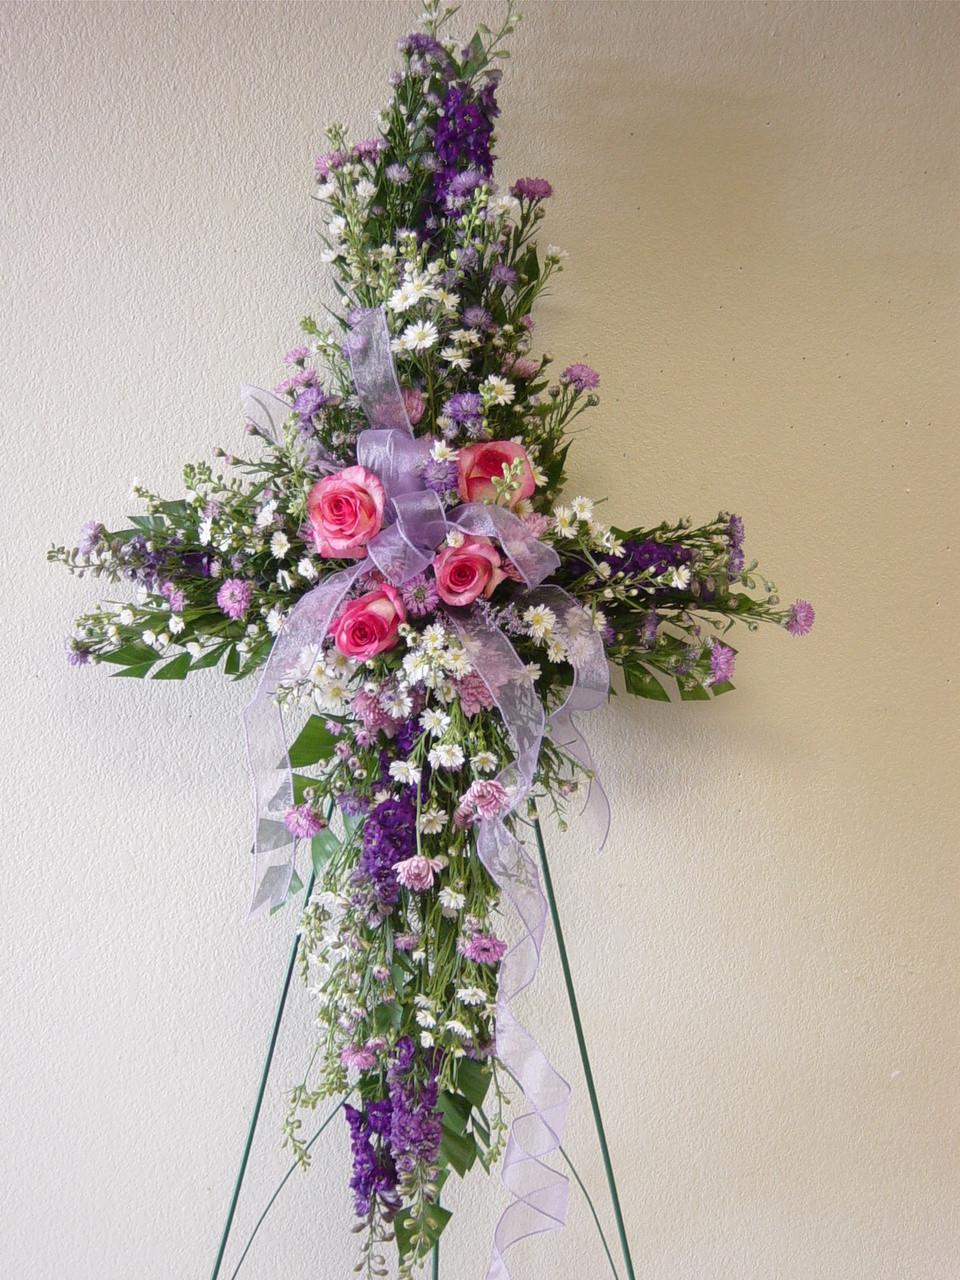 Enchanted deer park florist serving all funeral homes in deer park tx lavender and pink sympathy cross by enchanted florist pasadena tx funeral cross of flowers in izmirmasajfo